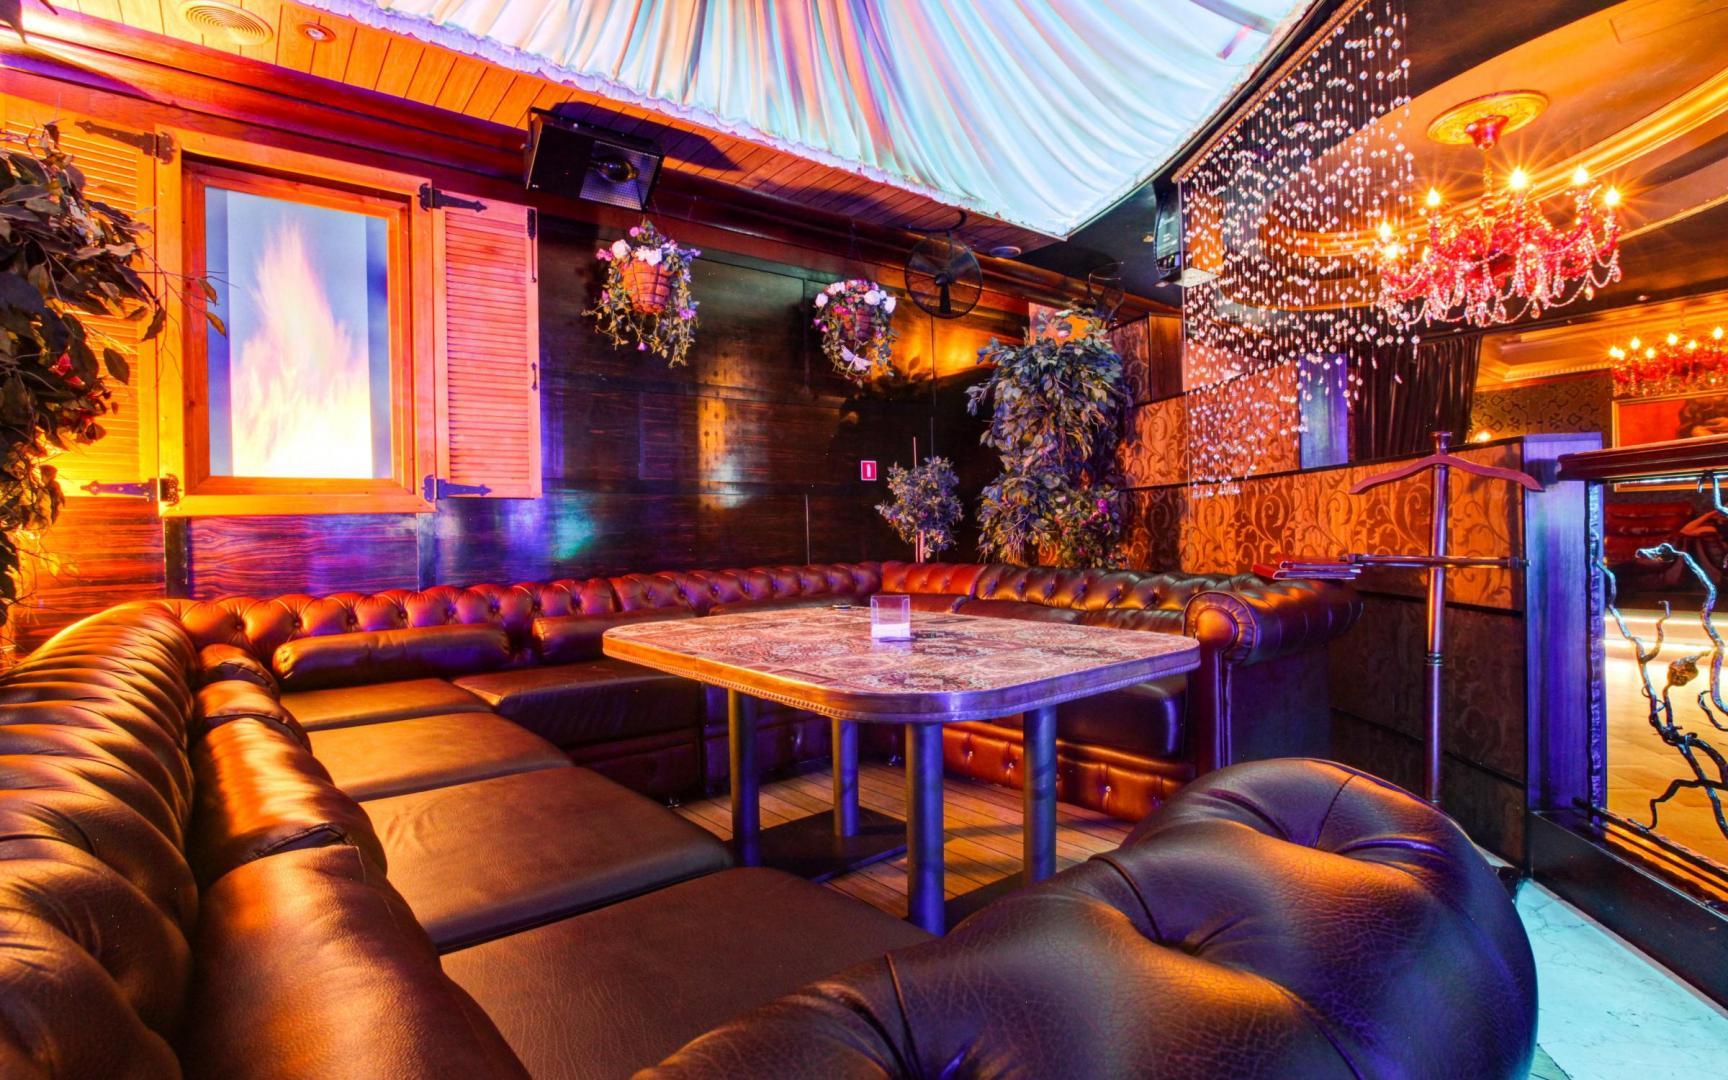 Клуб пекин москва отзывы ночные клубы в тольятти автозаводский район